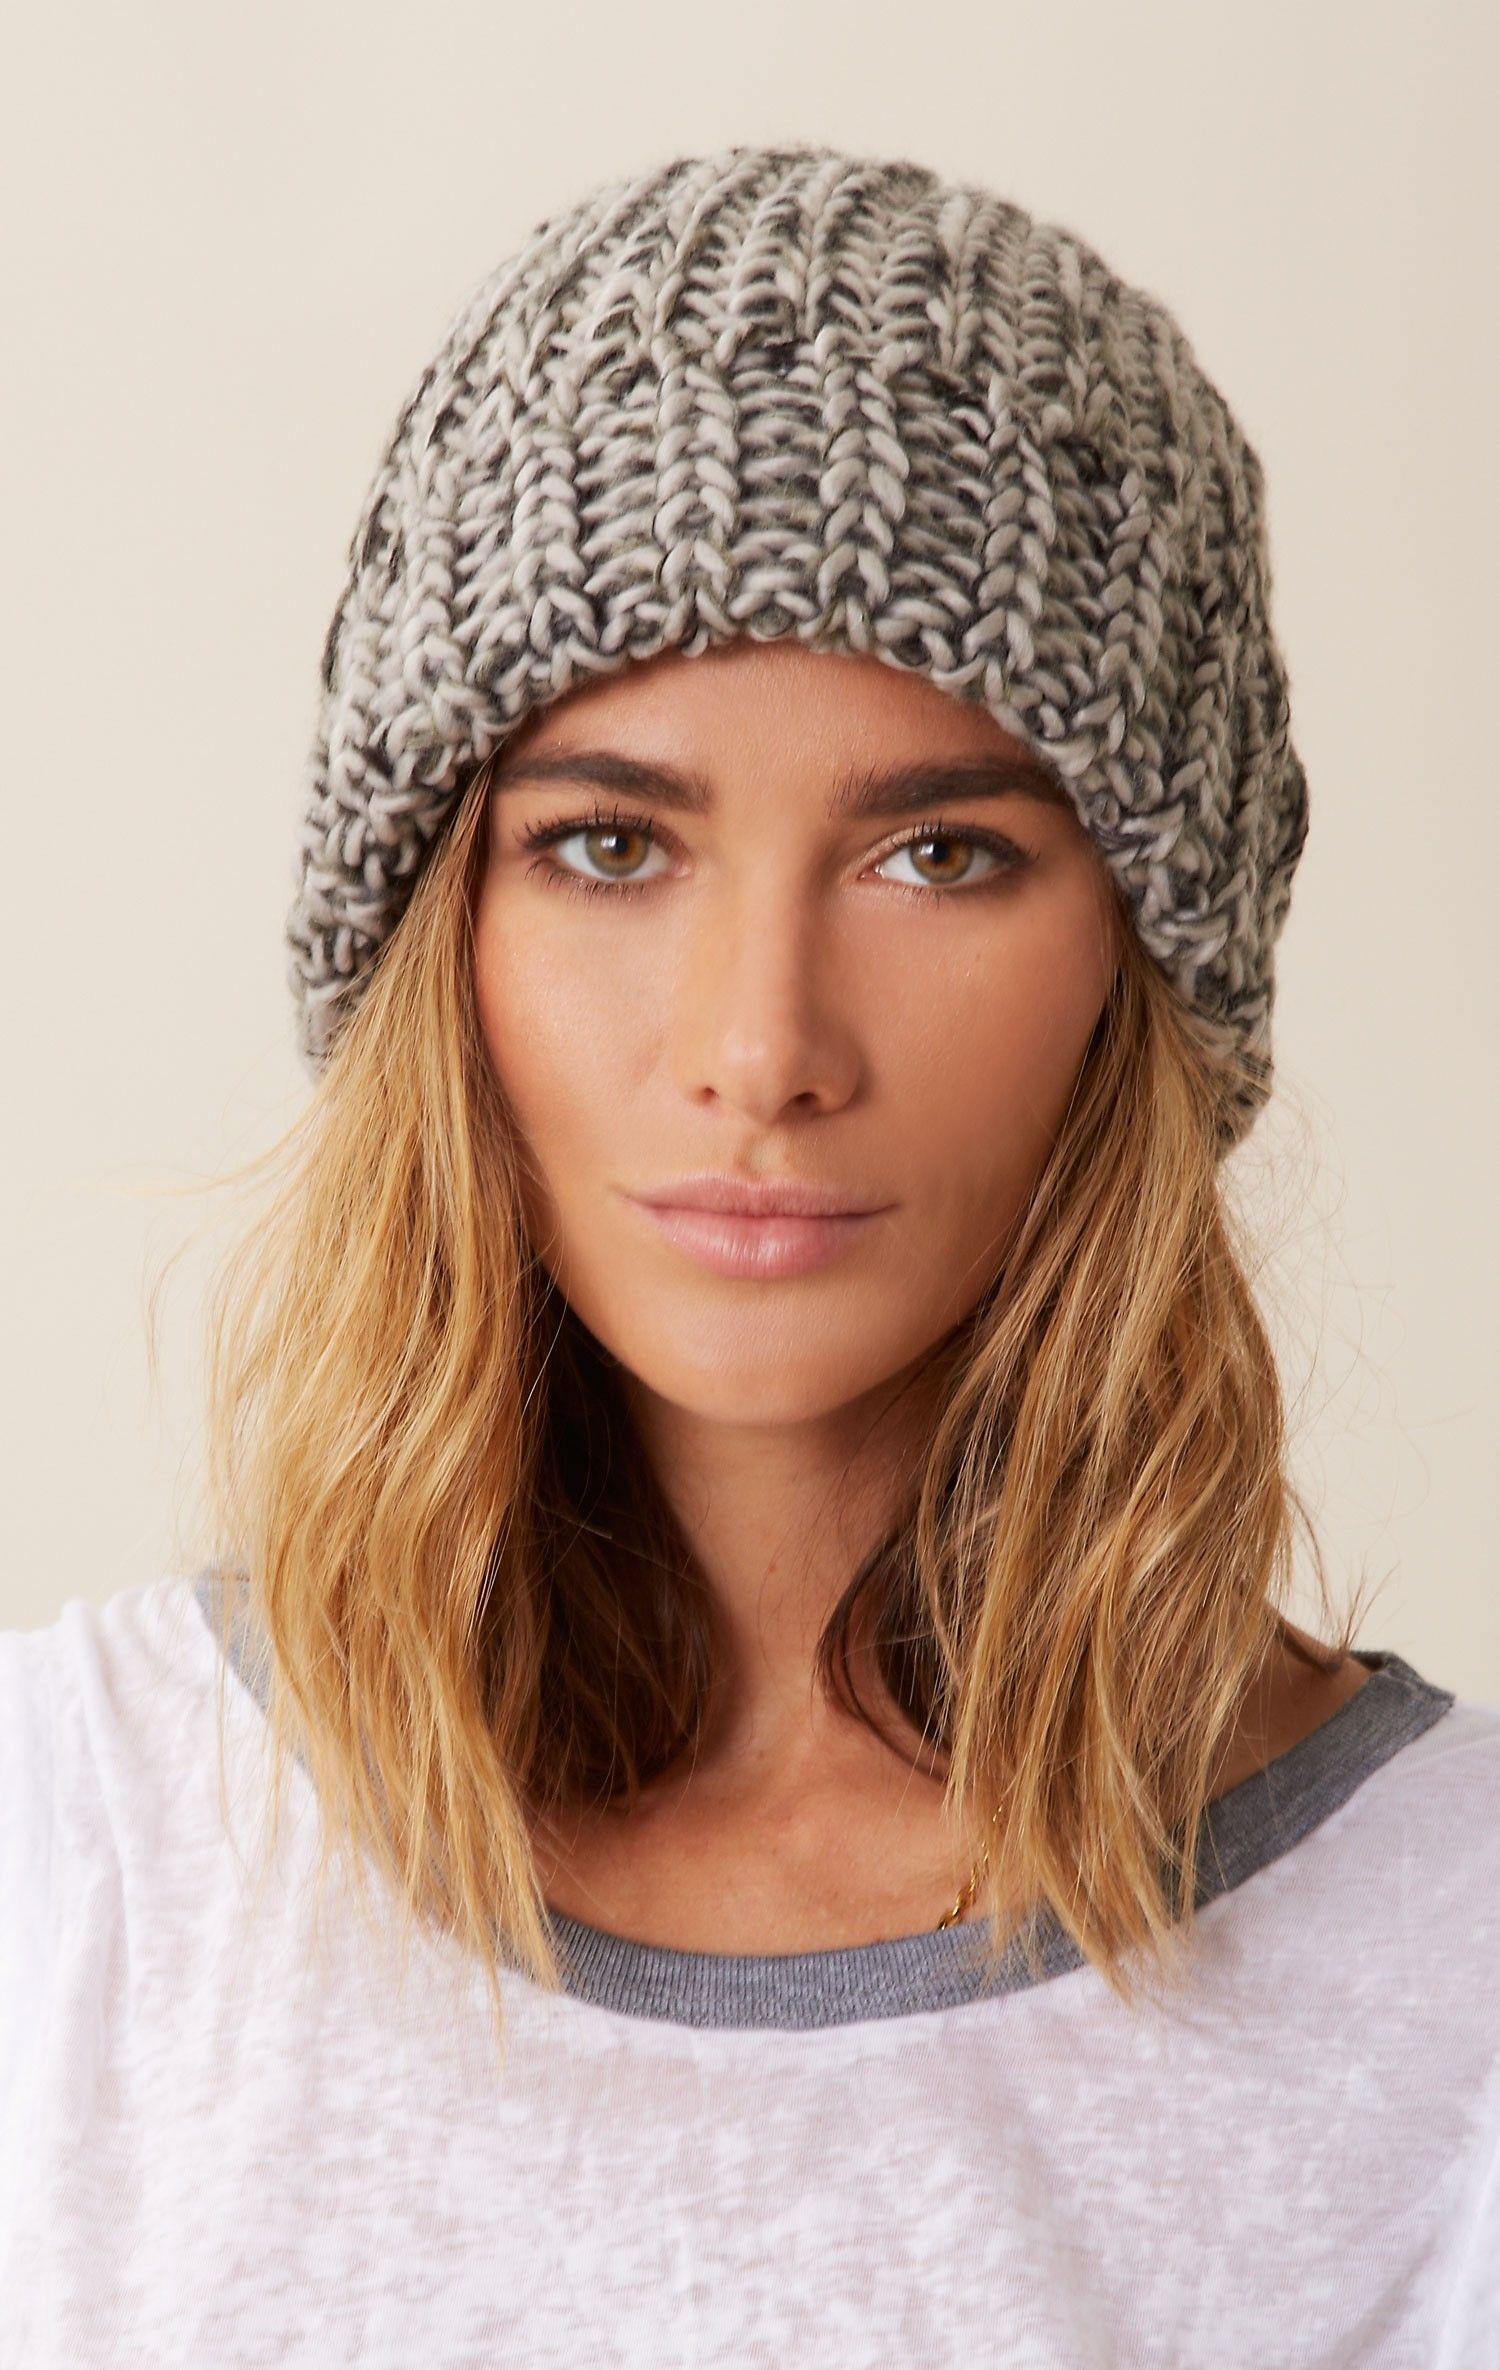 cad0441ed9226f Unisex knit beanie | closet shopaholic | Beanie, Knit beanie ...